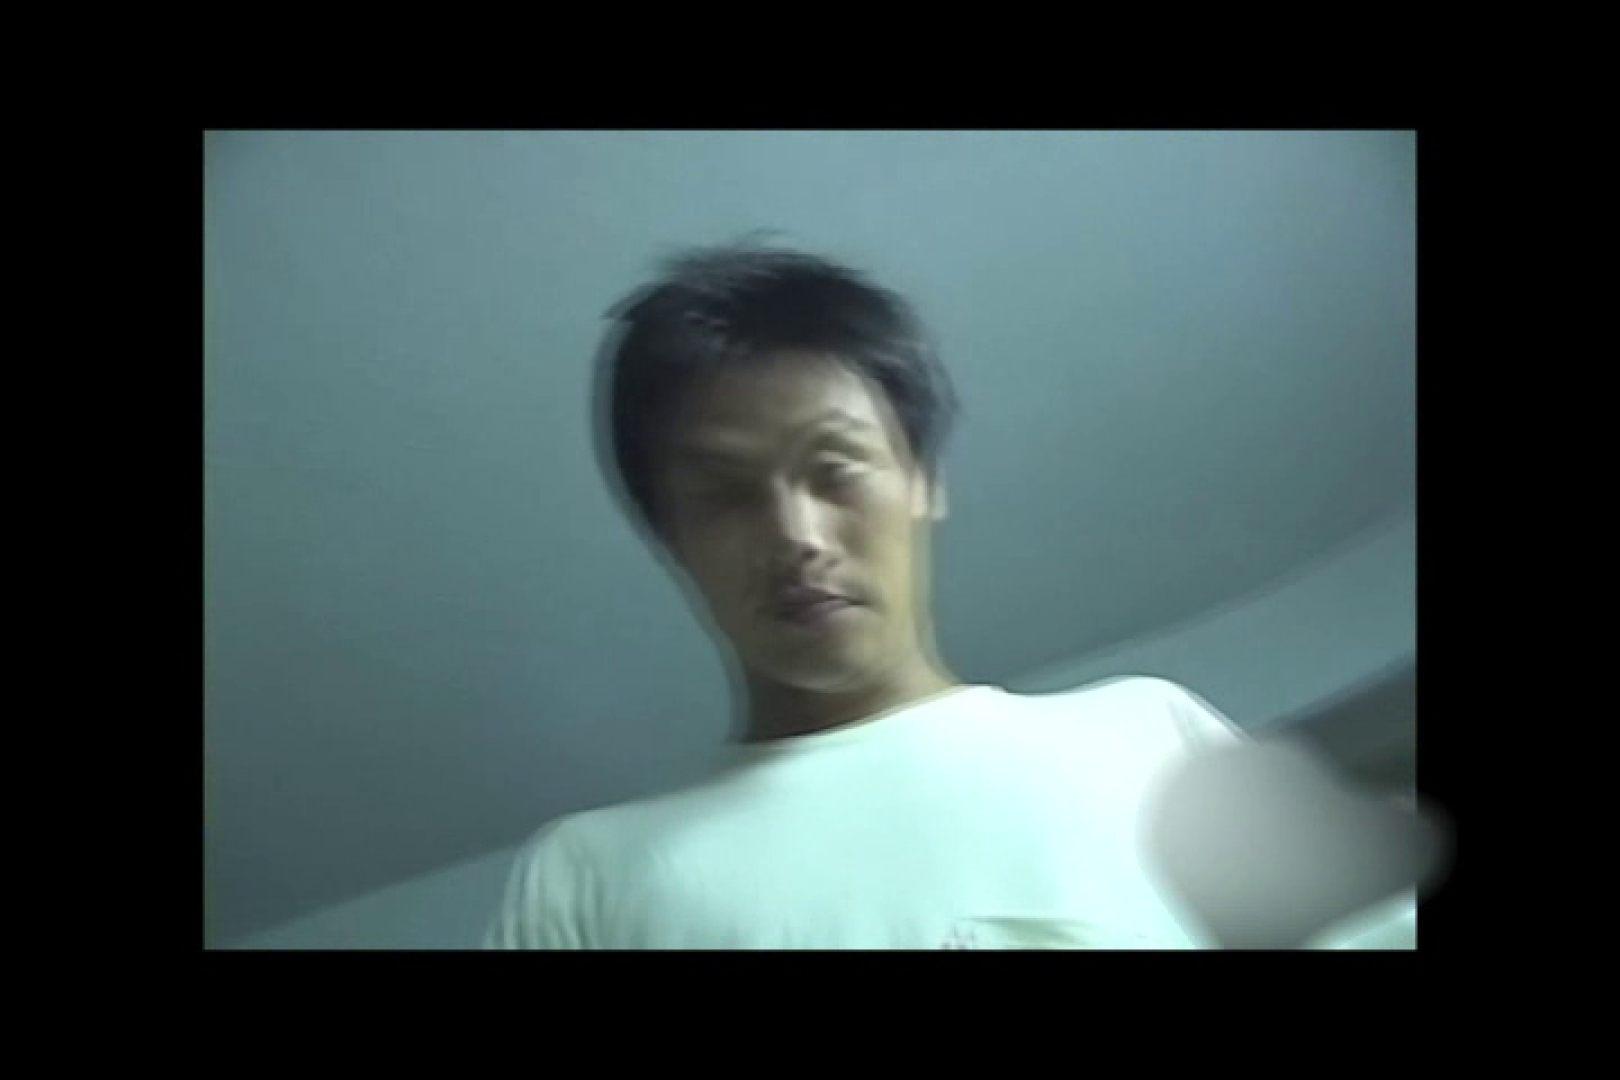 イケメンスリ筋君のもっこり生態調査! フェラ天国 ゲイ無料エロ画像 83pic 31